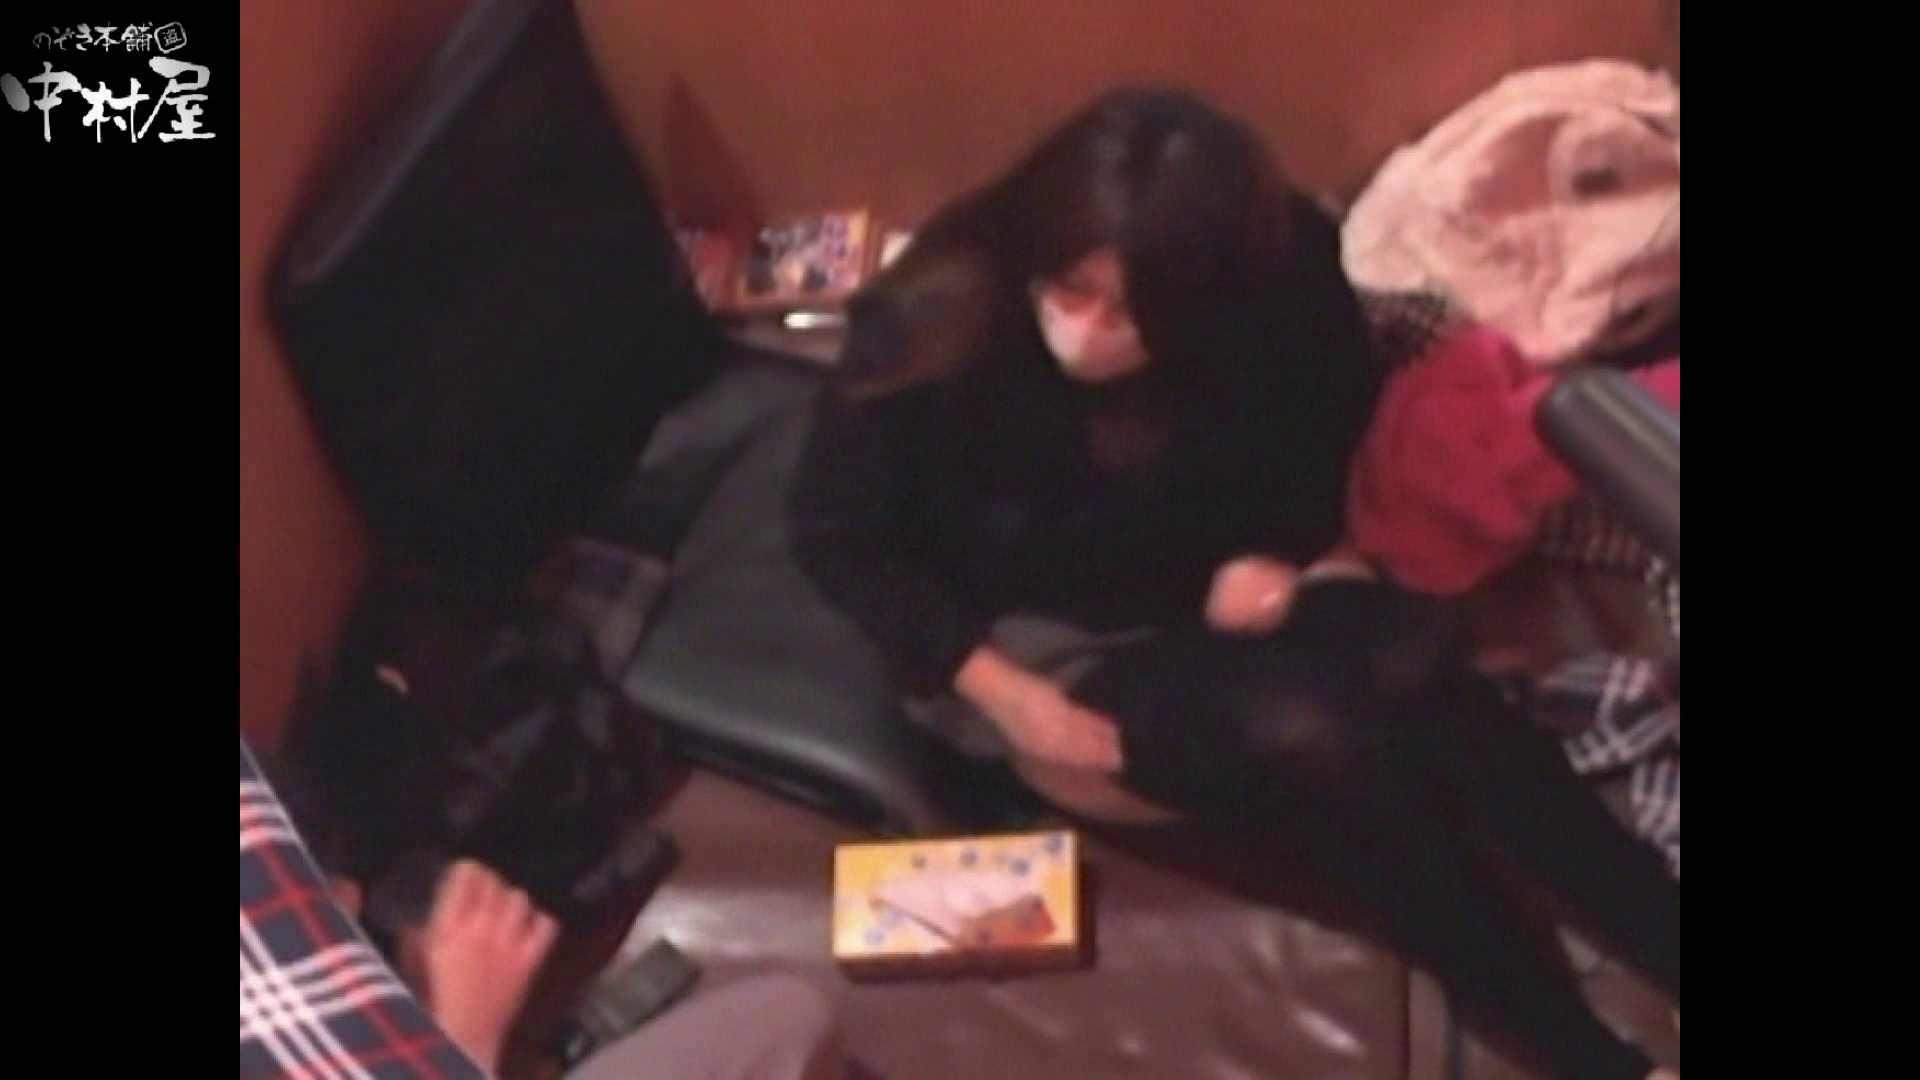 ネットカフェ盗撮師トロントさんの 素人カップル盗撮記vol.6 フェラチオ  51連発 11